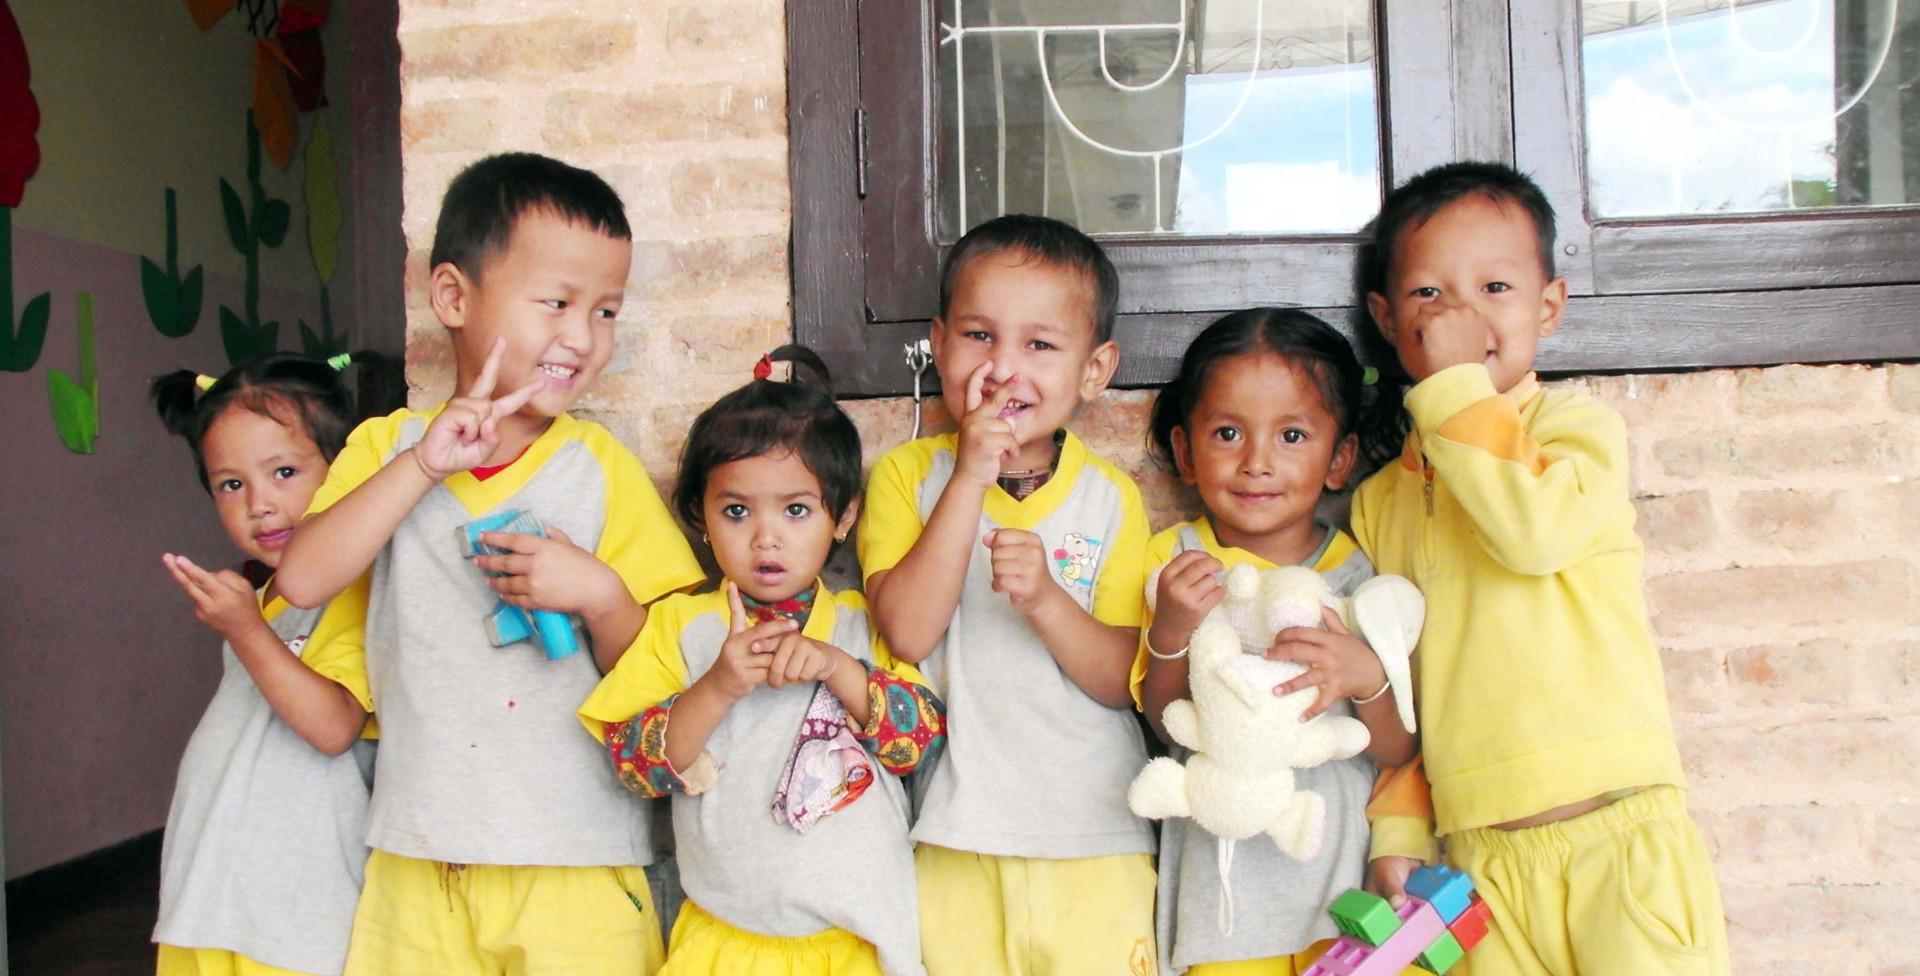 네팔 카투만두 새삶센터 어린이들.jpg